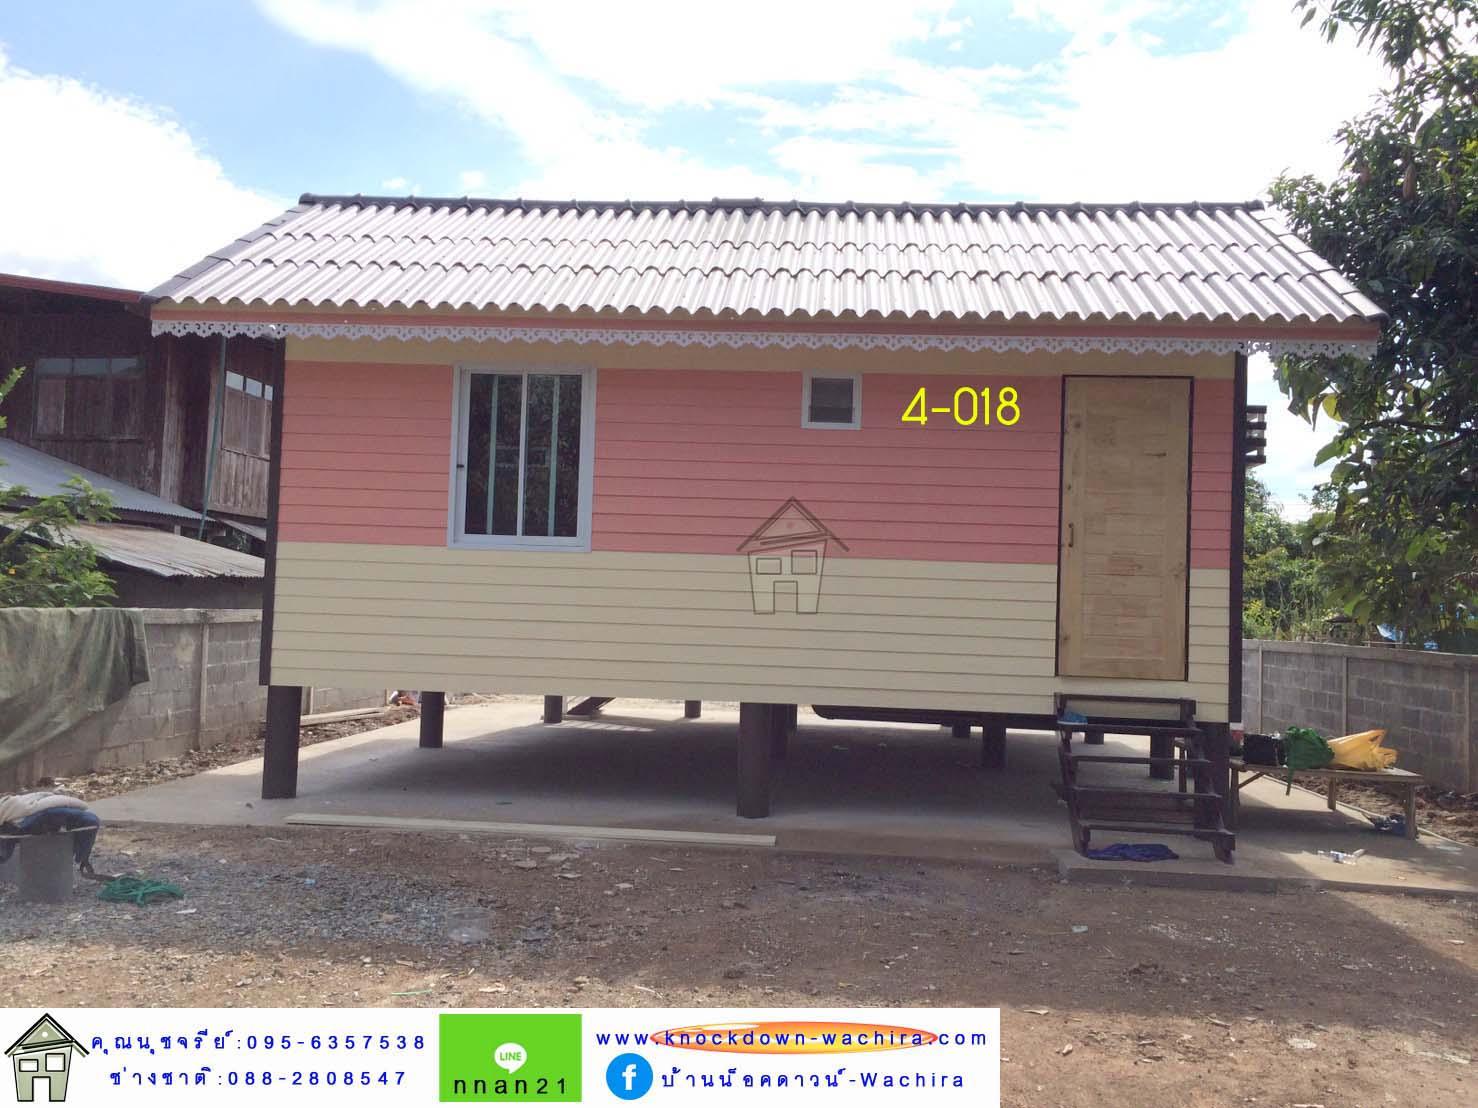 บ้านน็อคดาวน์ราคาถูก,บ้านสําเร็จรูป,บ้านไม้,บ้านน๊อกดาวน์,แบบบ้านน๊อกดาวน์,บ้านราคาถูก,knockdown-wachira